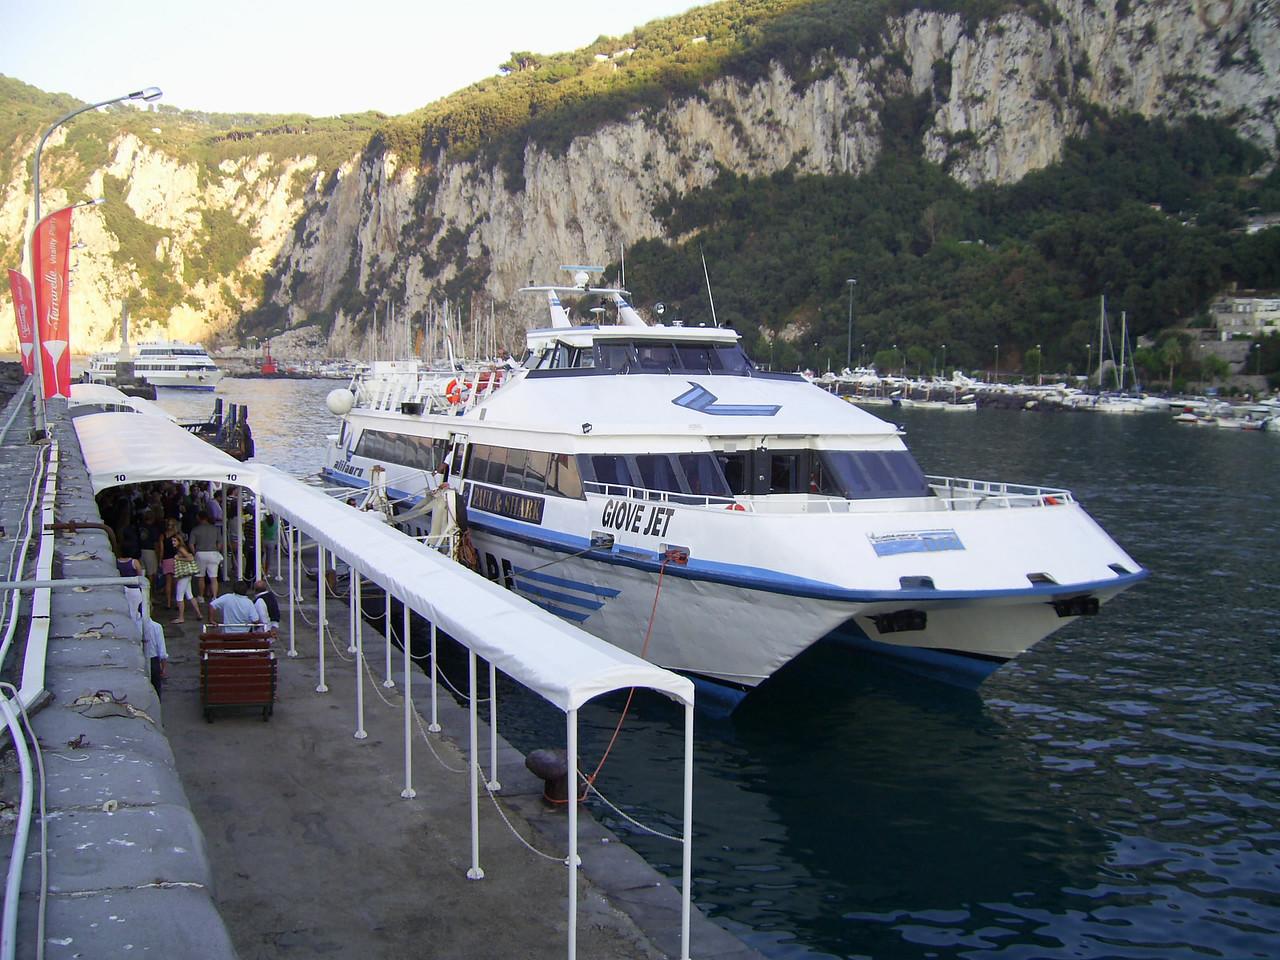 GIOVE JET mooring in Capri.